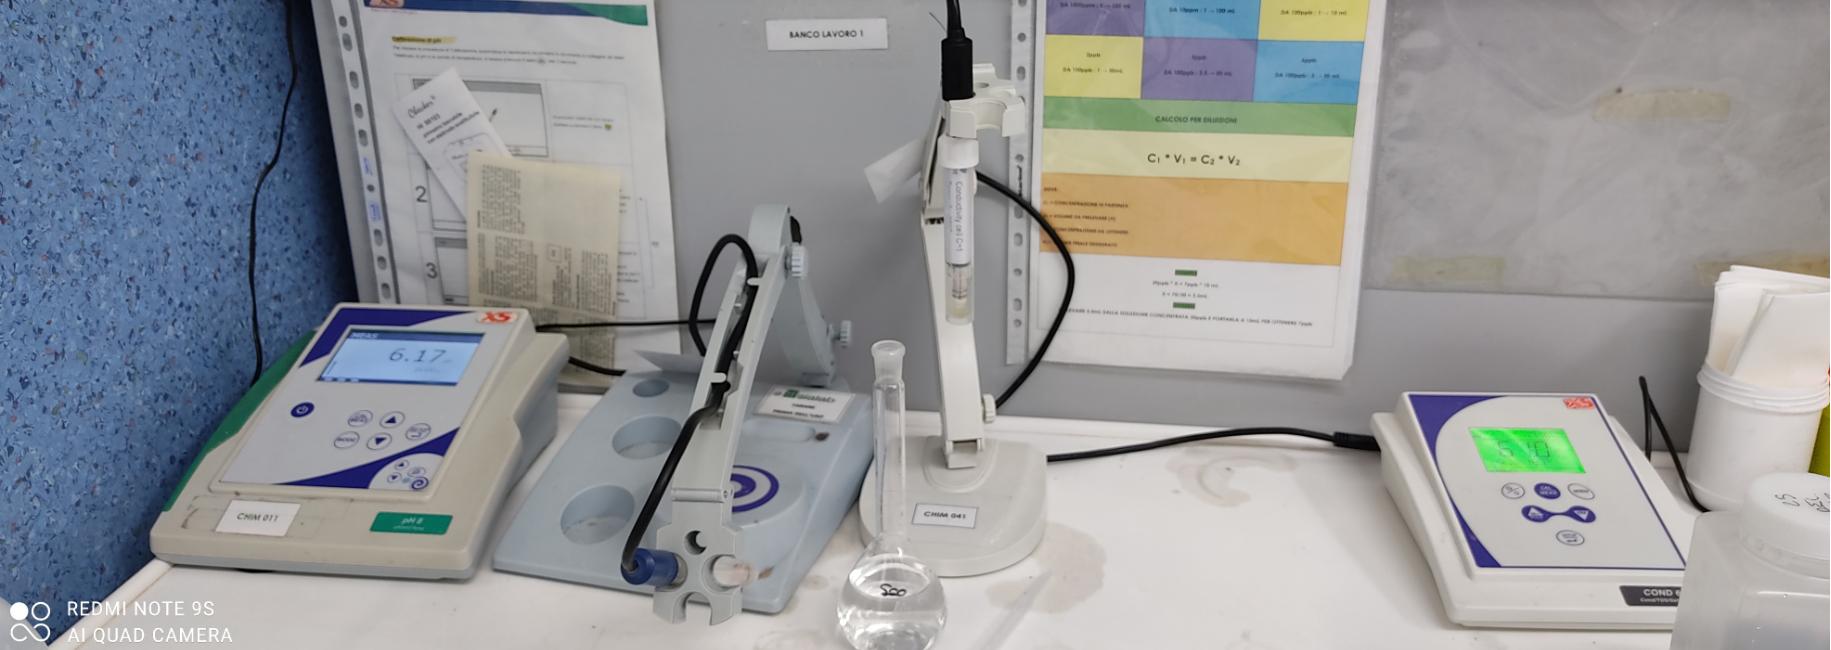 analisi microinquinanti in ambienti di lavoro